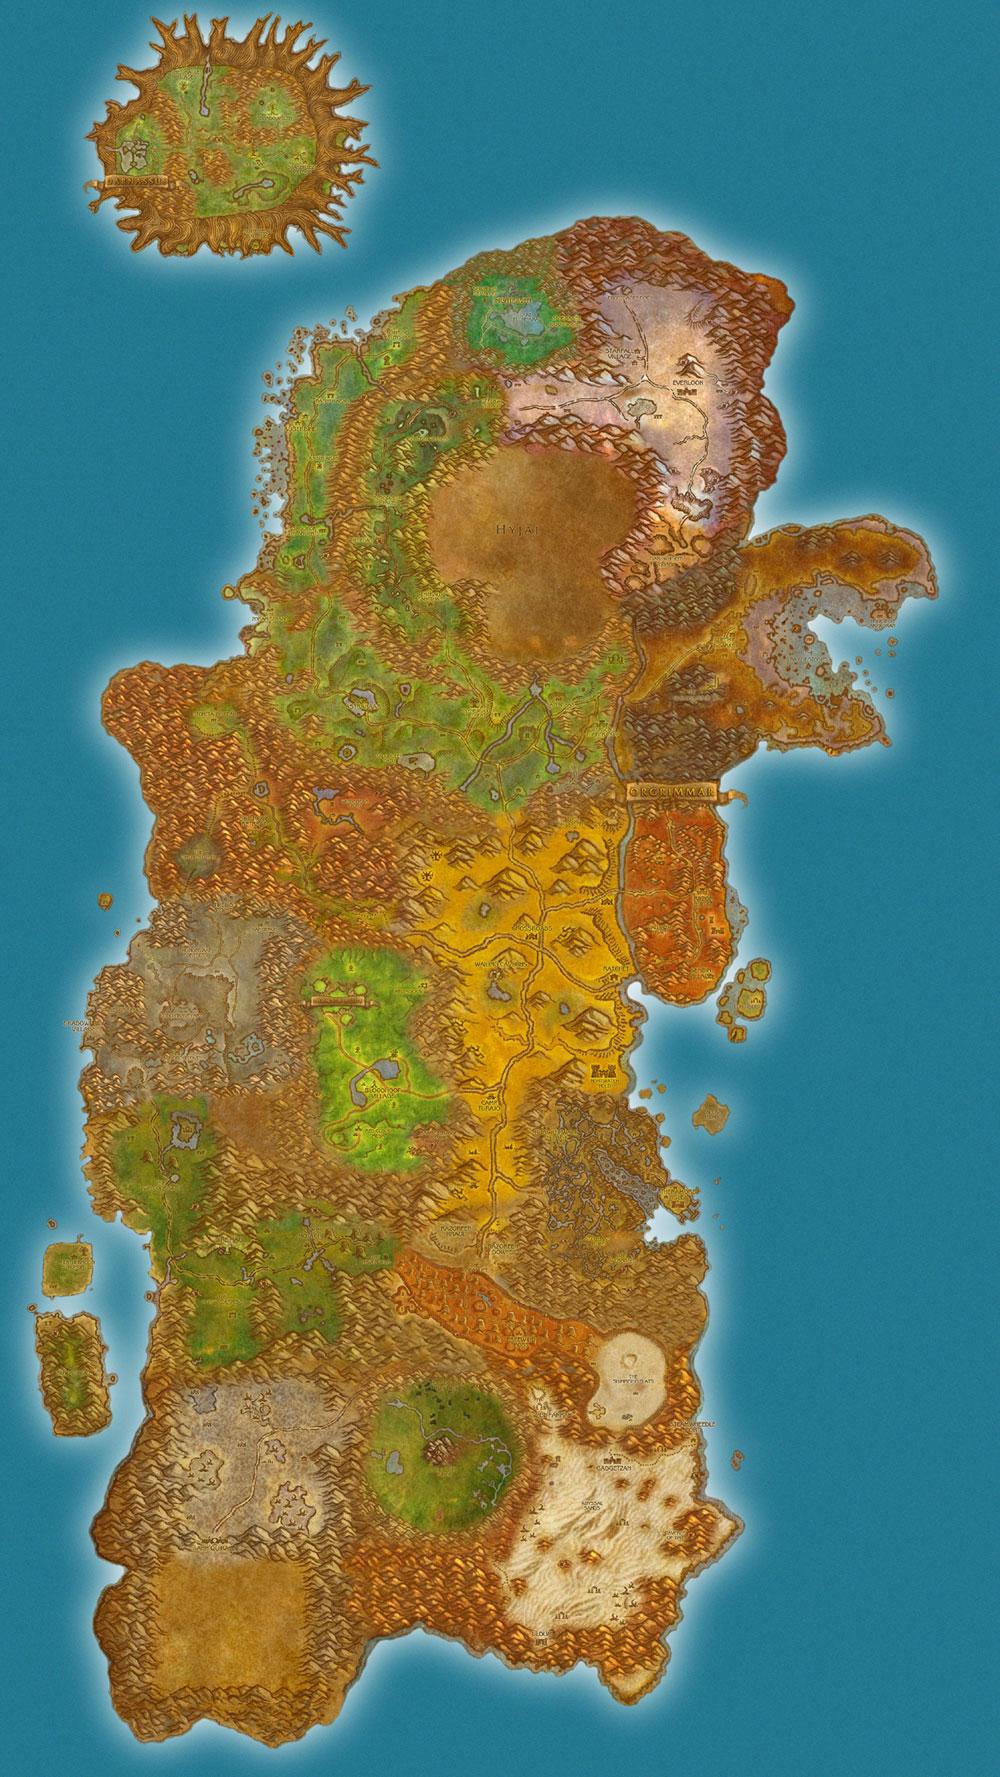 Obshaya Karta Mira V Wow Na Baza Dannyh Warcraft 3 Wow Dota Allstars